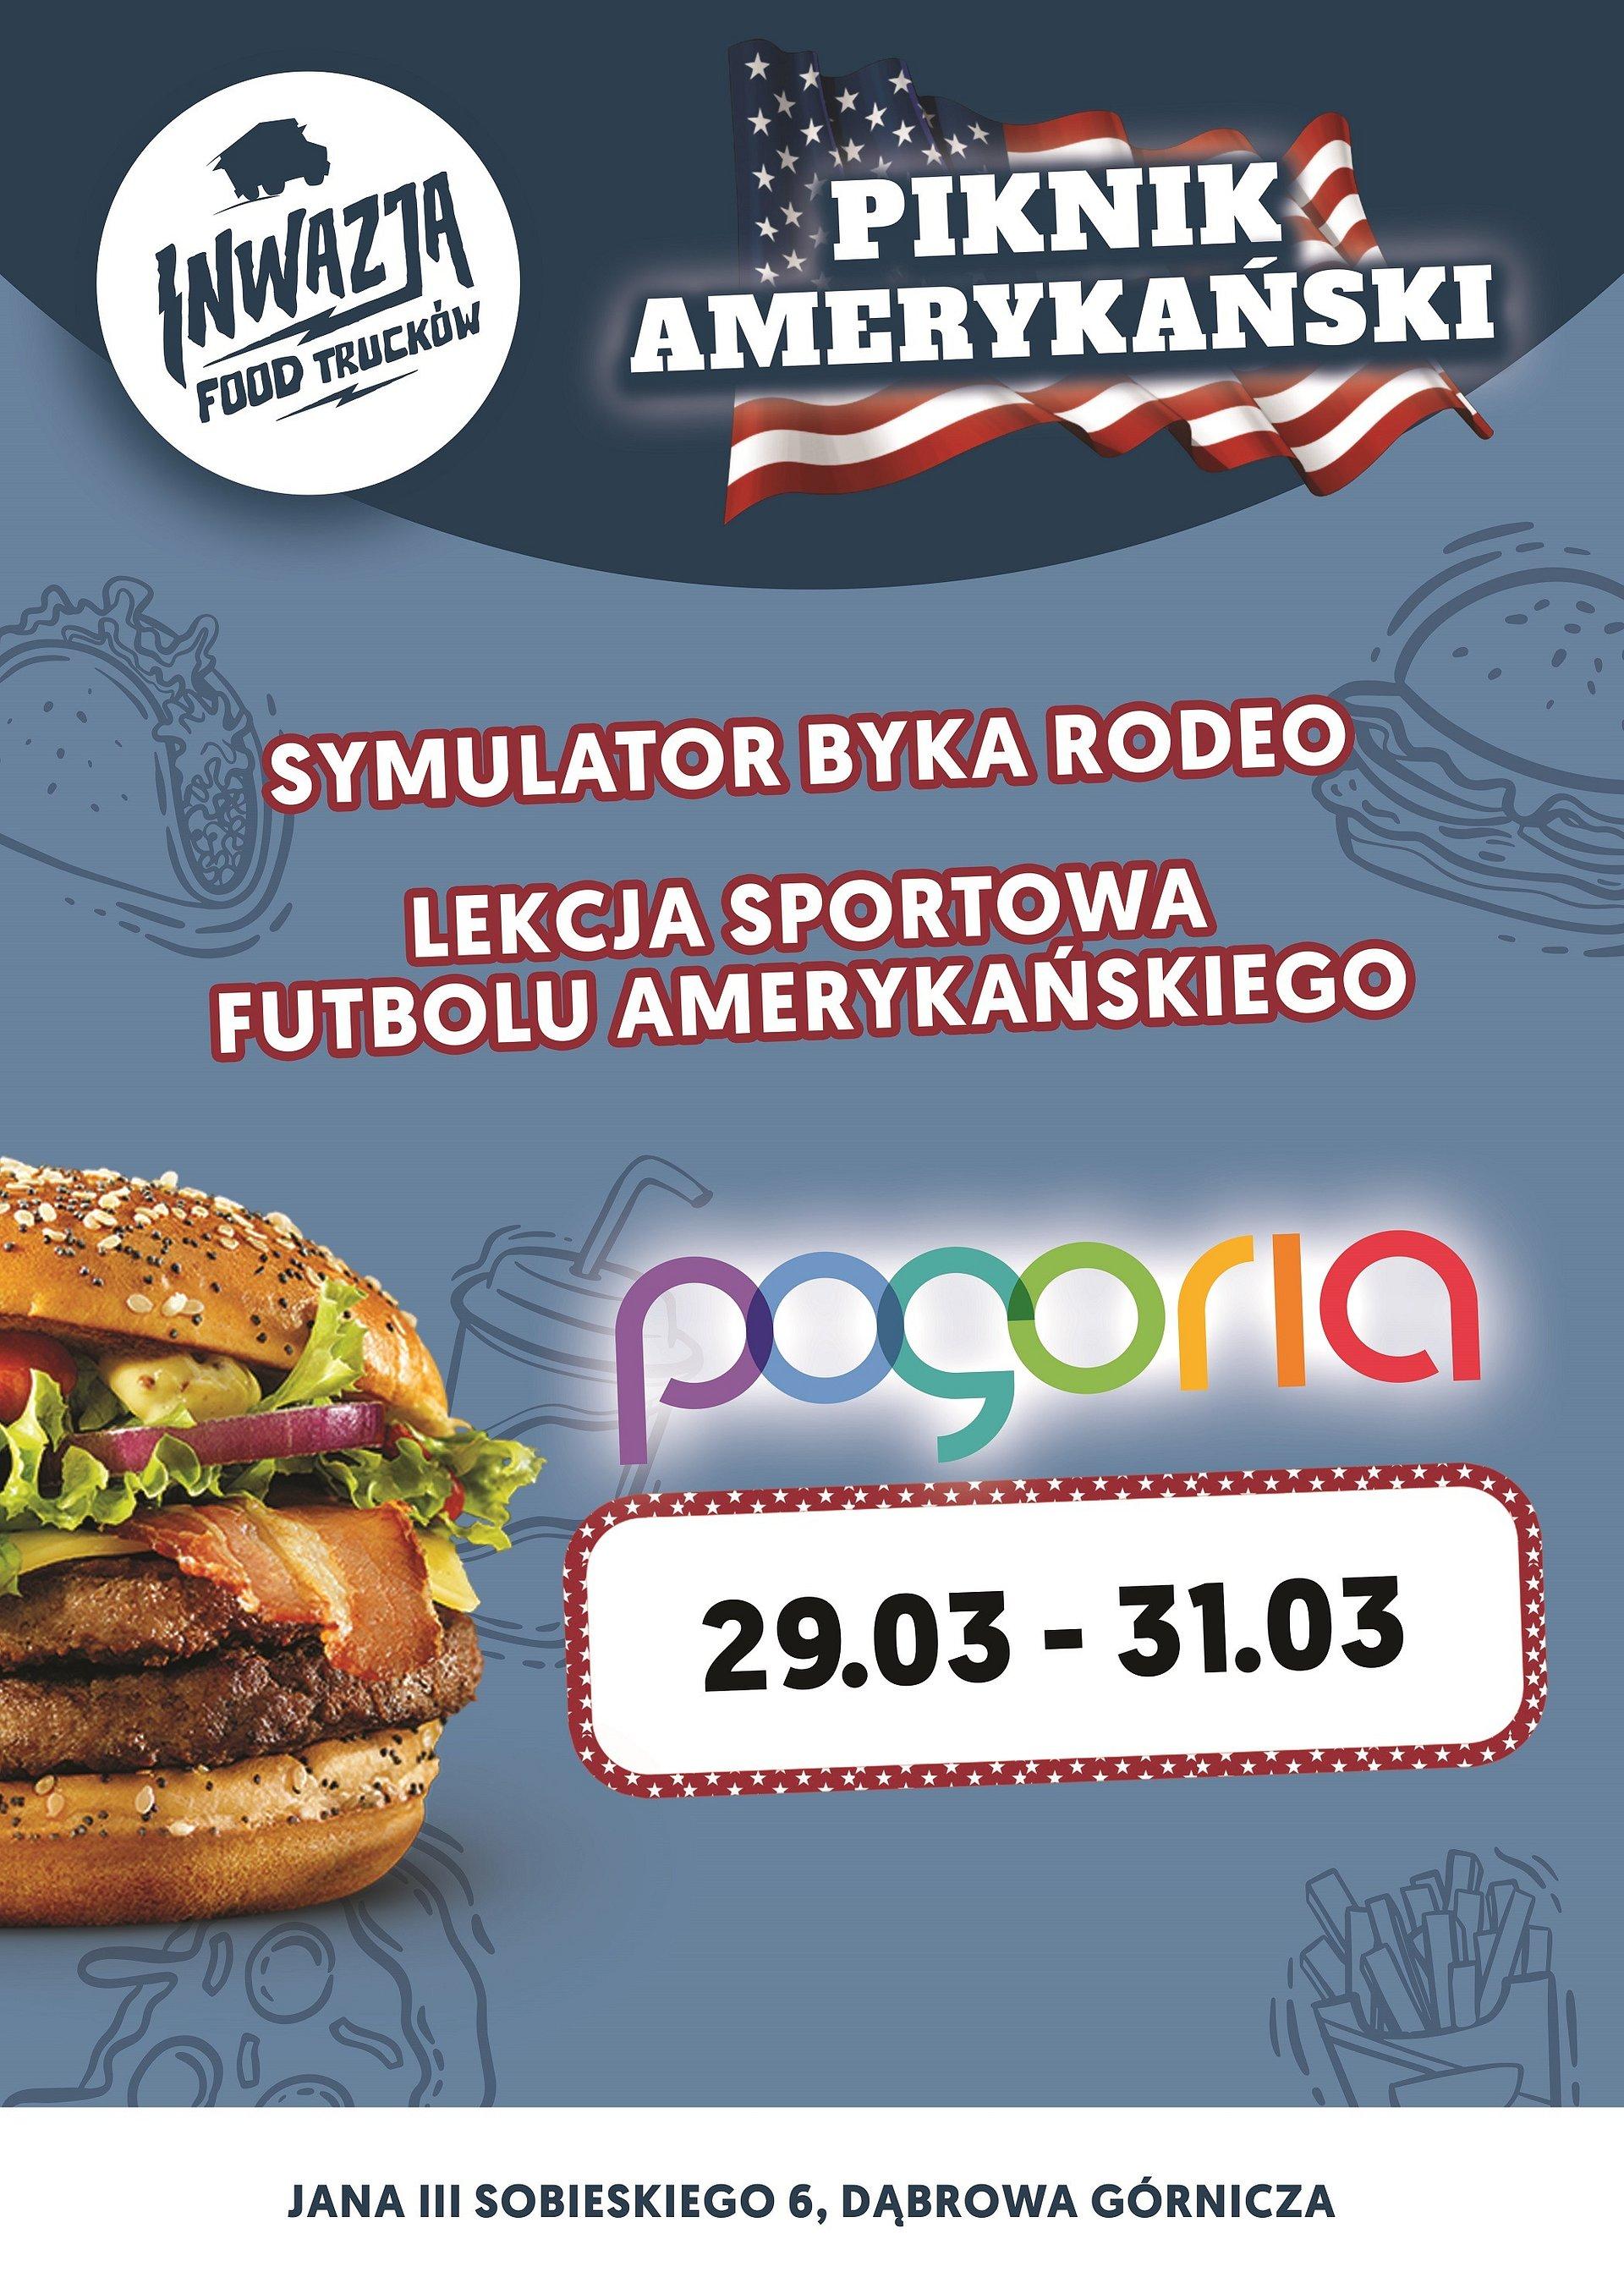 Amerykański piknik w galerii Pogoria, czyli food trucki, rodeo i lekcje futbolu!